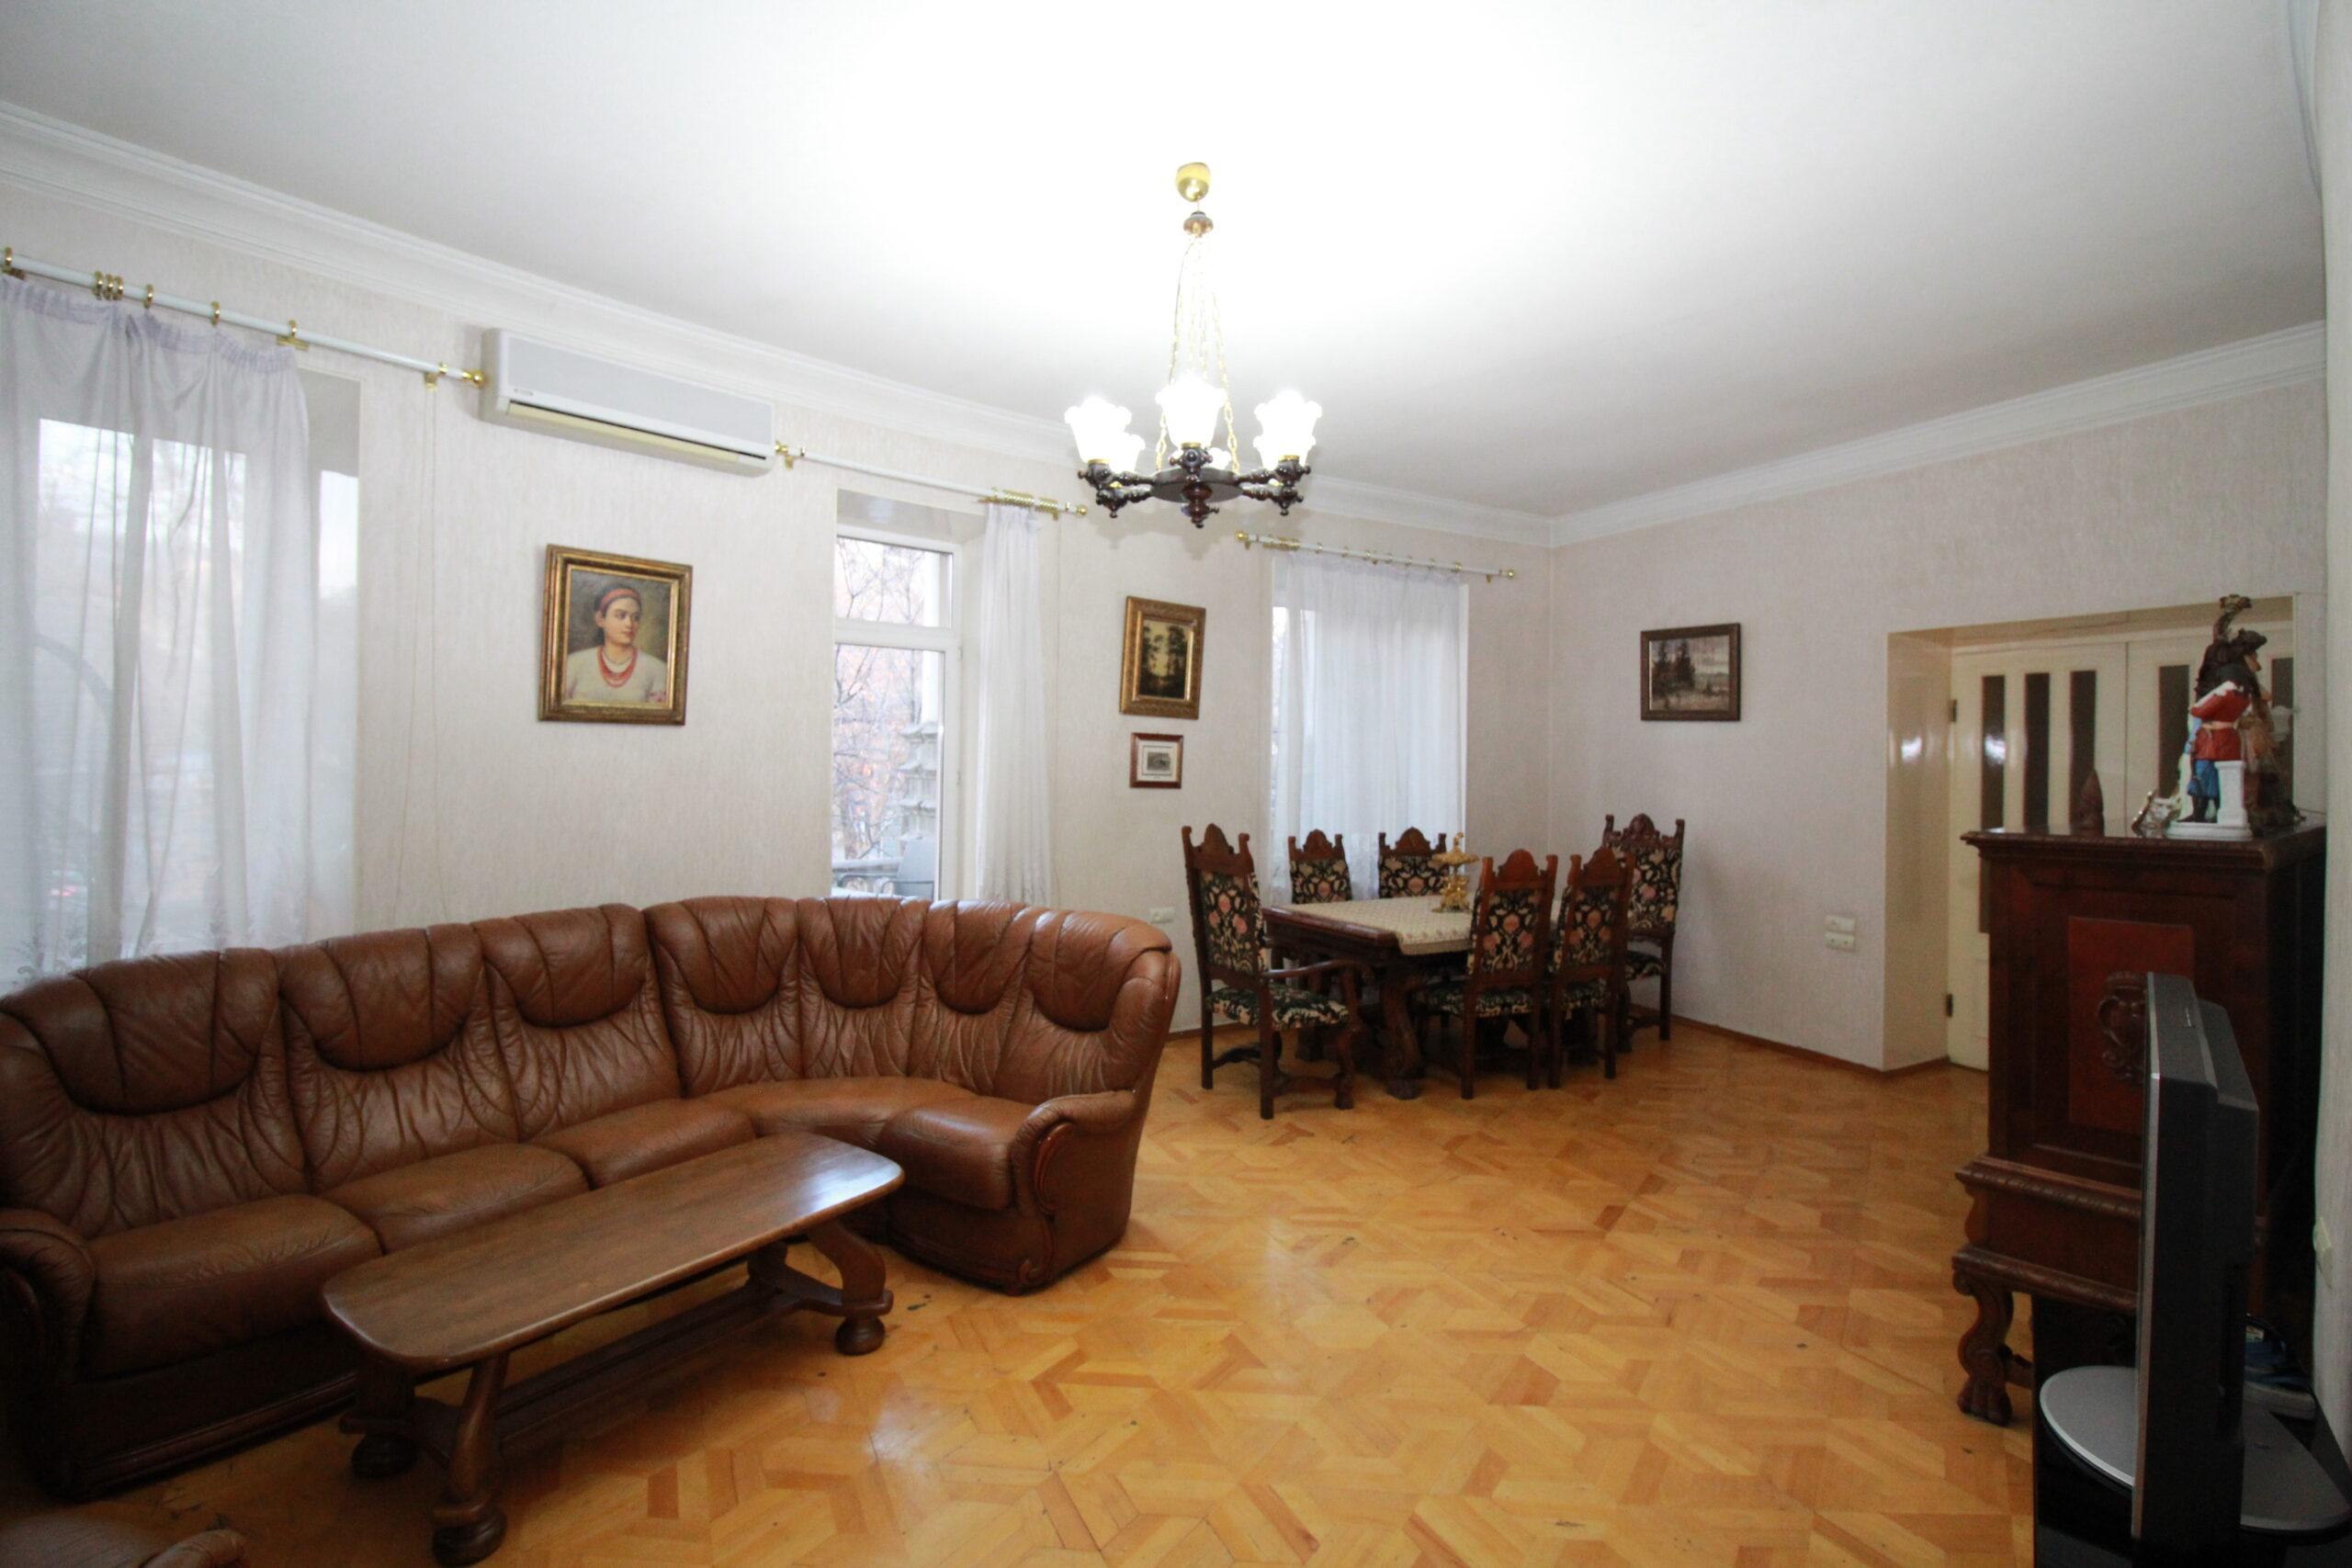 Մոսկովյան փողոցի լավագույն շենքերից մեկում բնակարան հիանալի տեսարանով Կոդ KR152